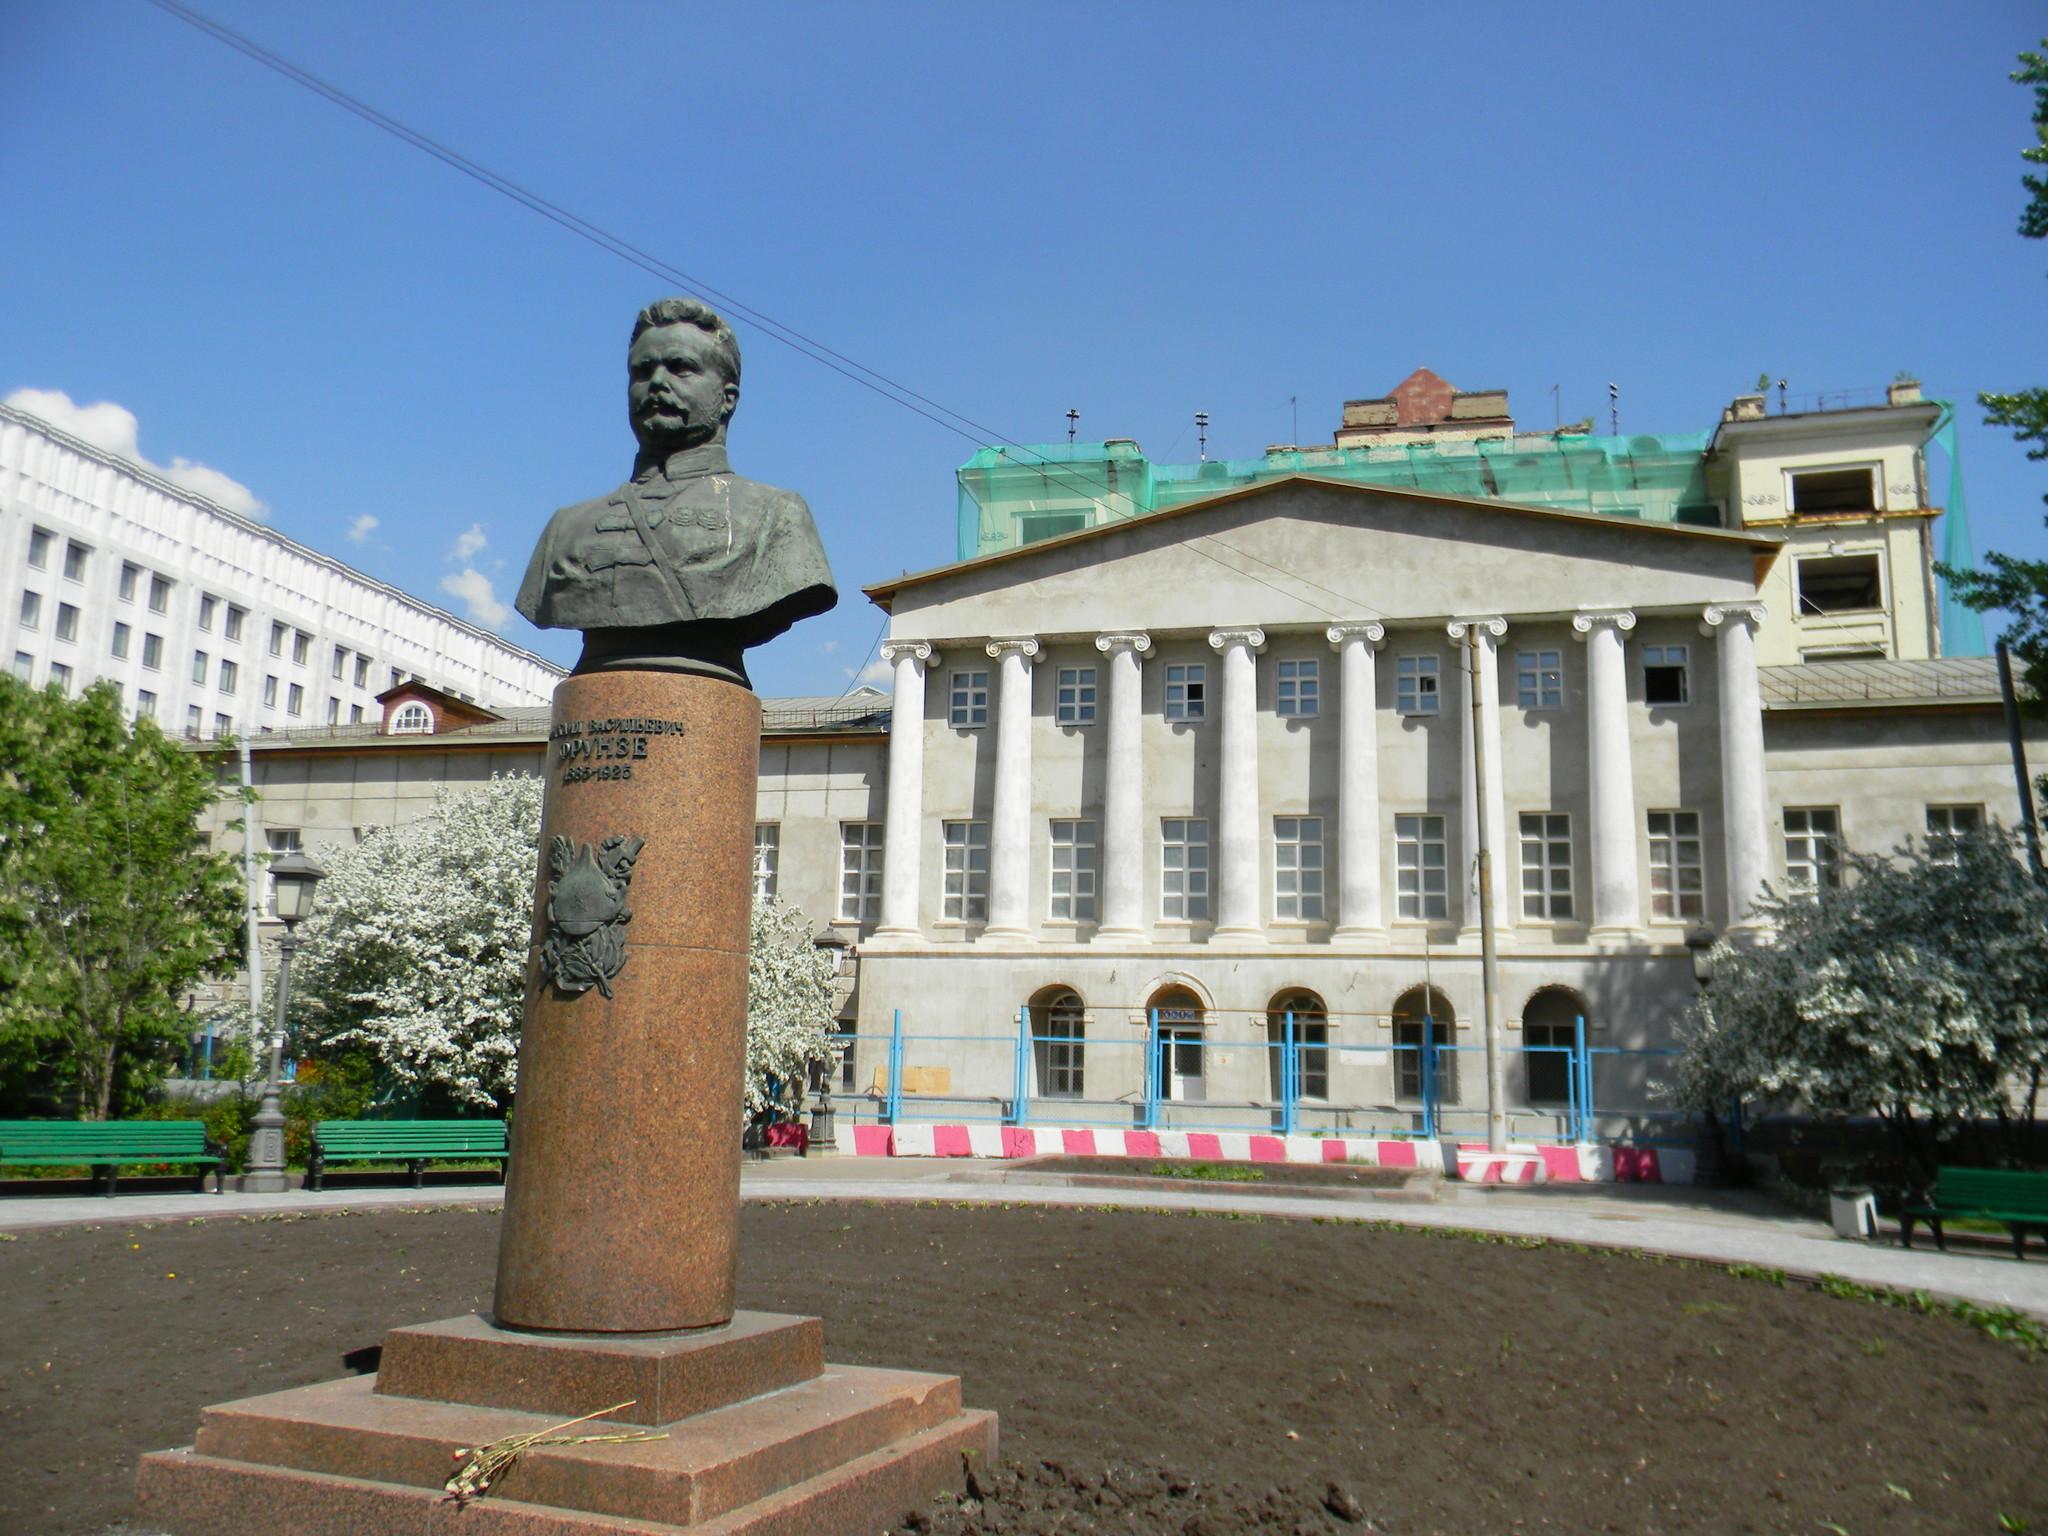 Памятник М.В. Фрунзе расположен на улице Знаменка в Москве